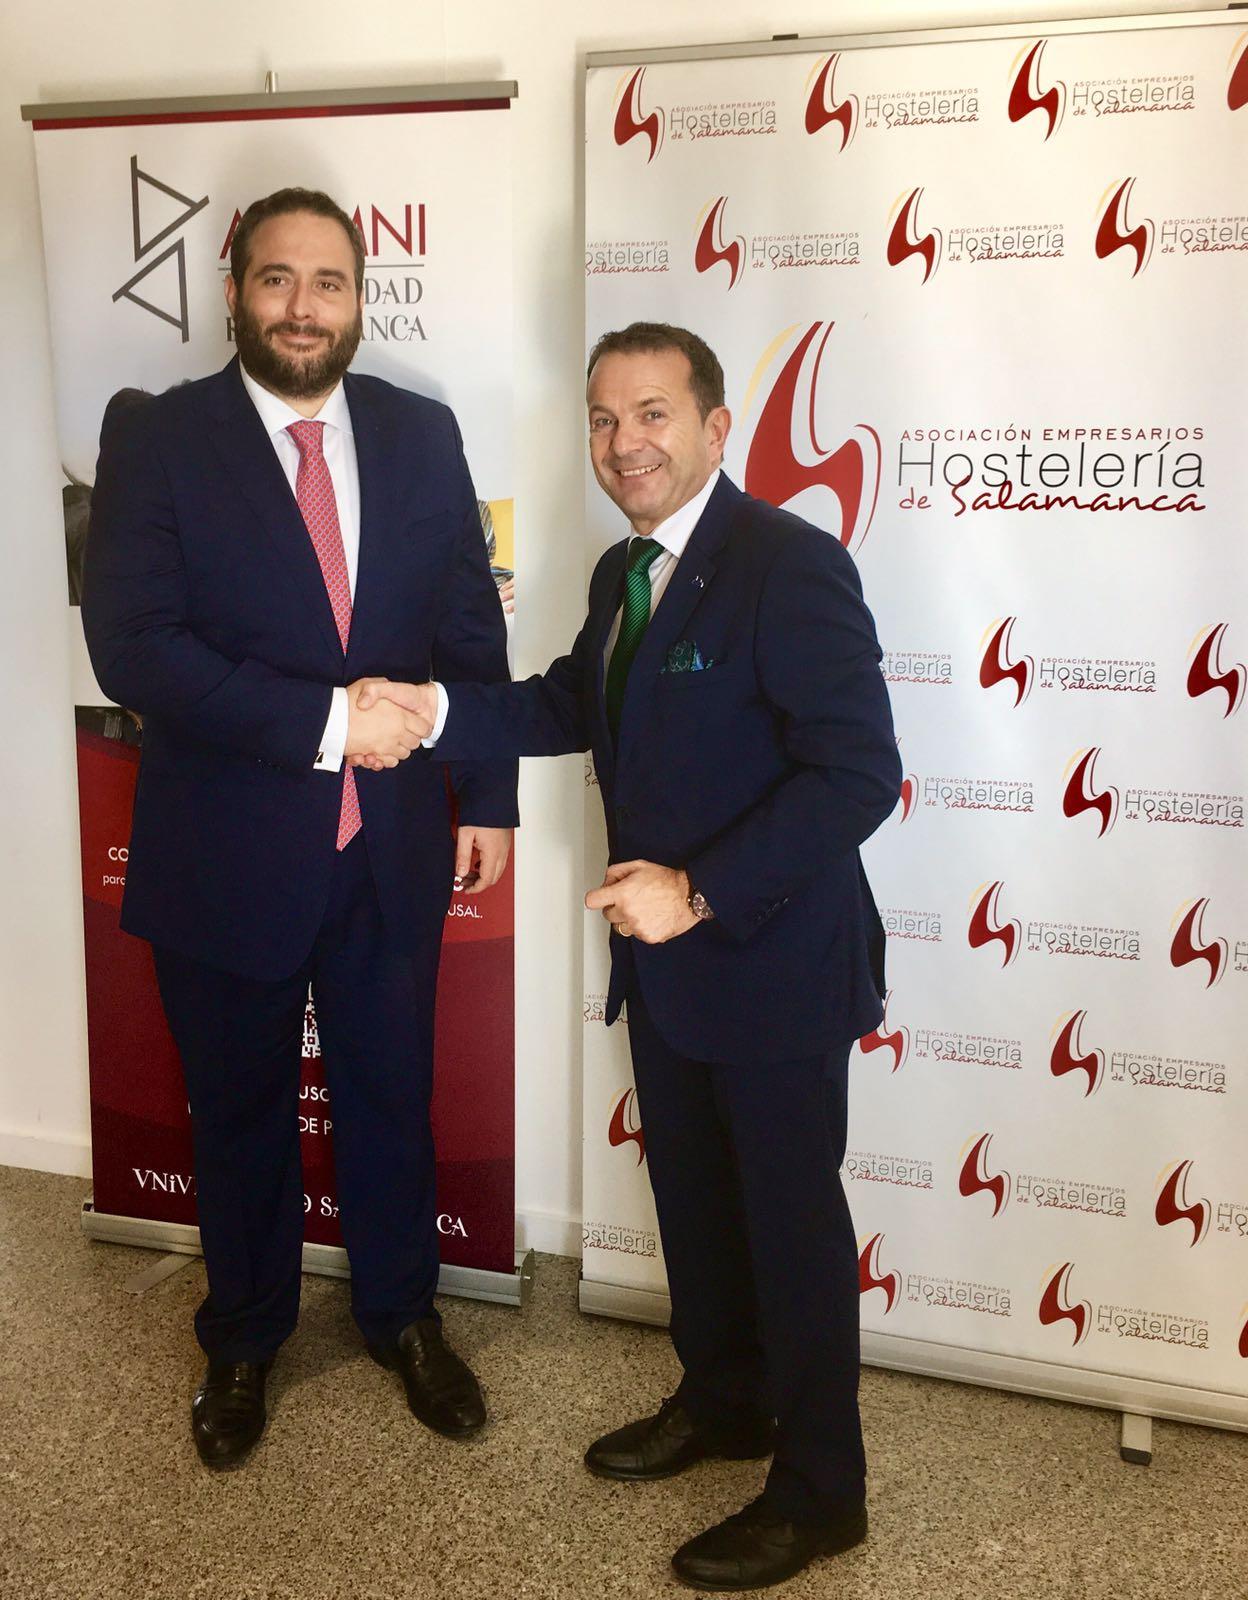 Alumni–USAL firma un convenio con la Asociación de Empresarios de Hostelería de Salamanca para ofrecer nuevos beneficios a sus socios